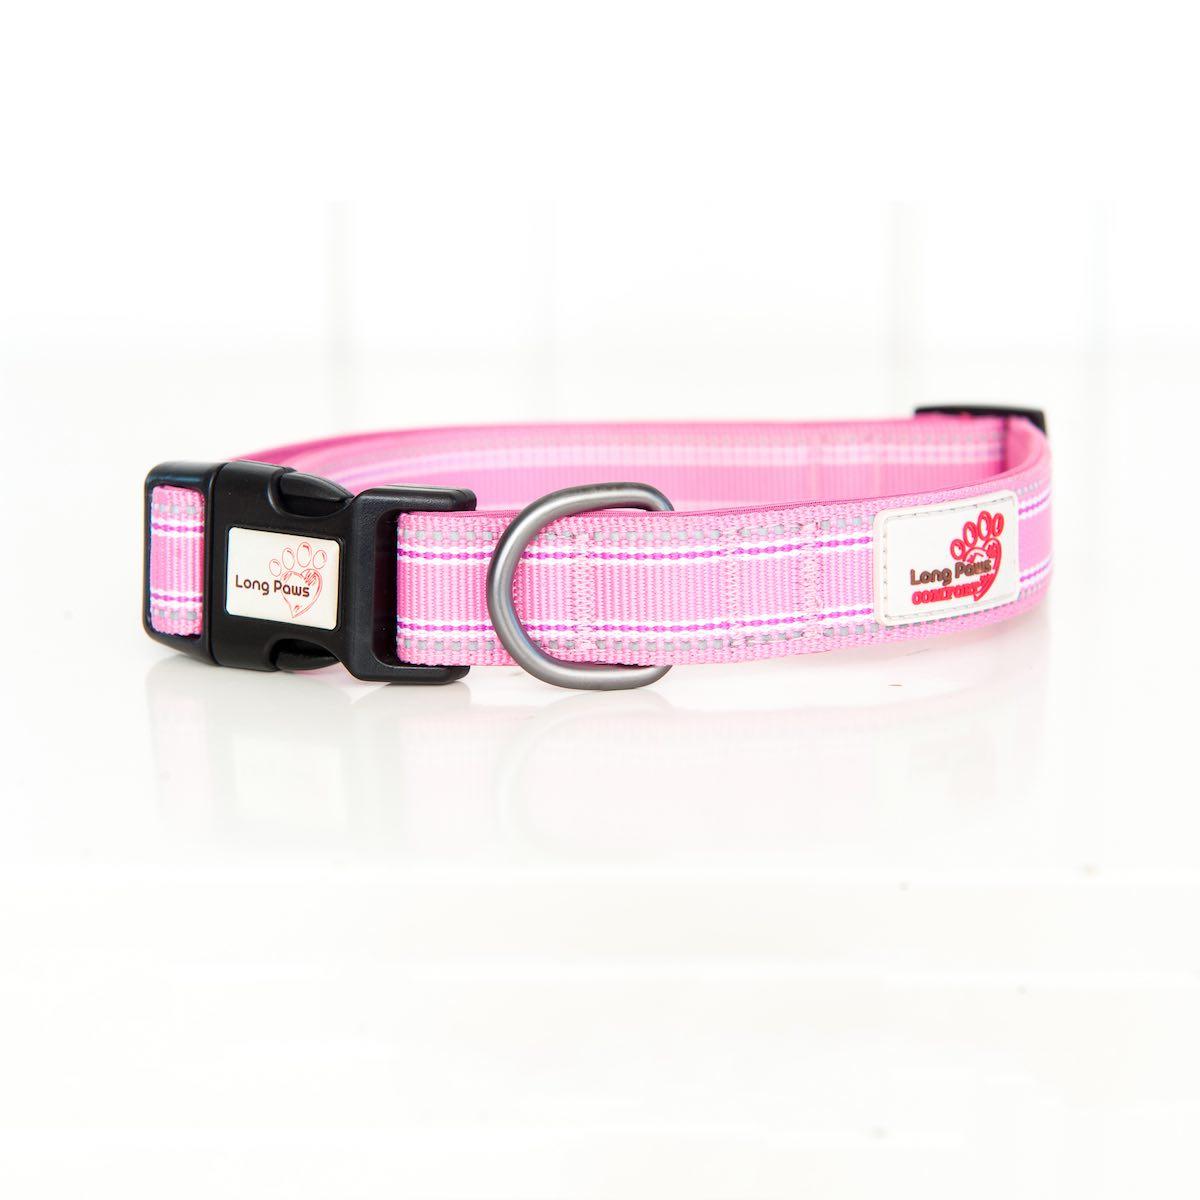 Long Paws Comfort Collar Pink Large Image